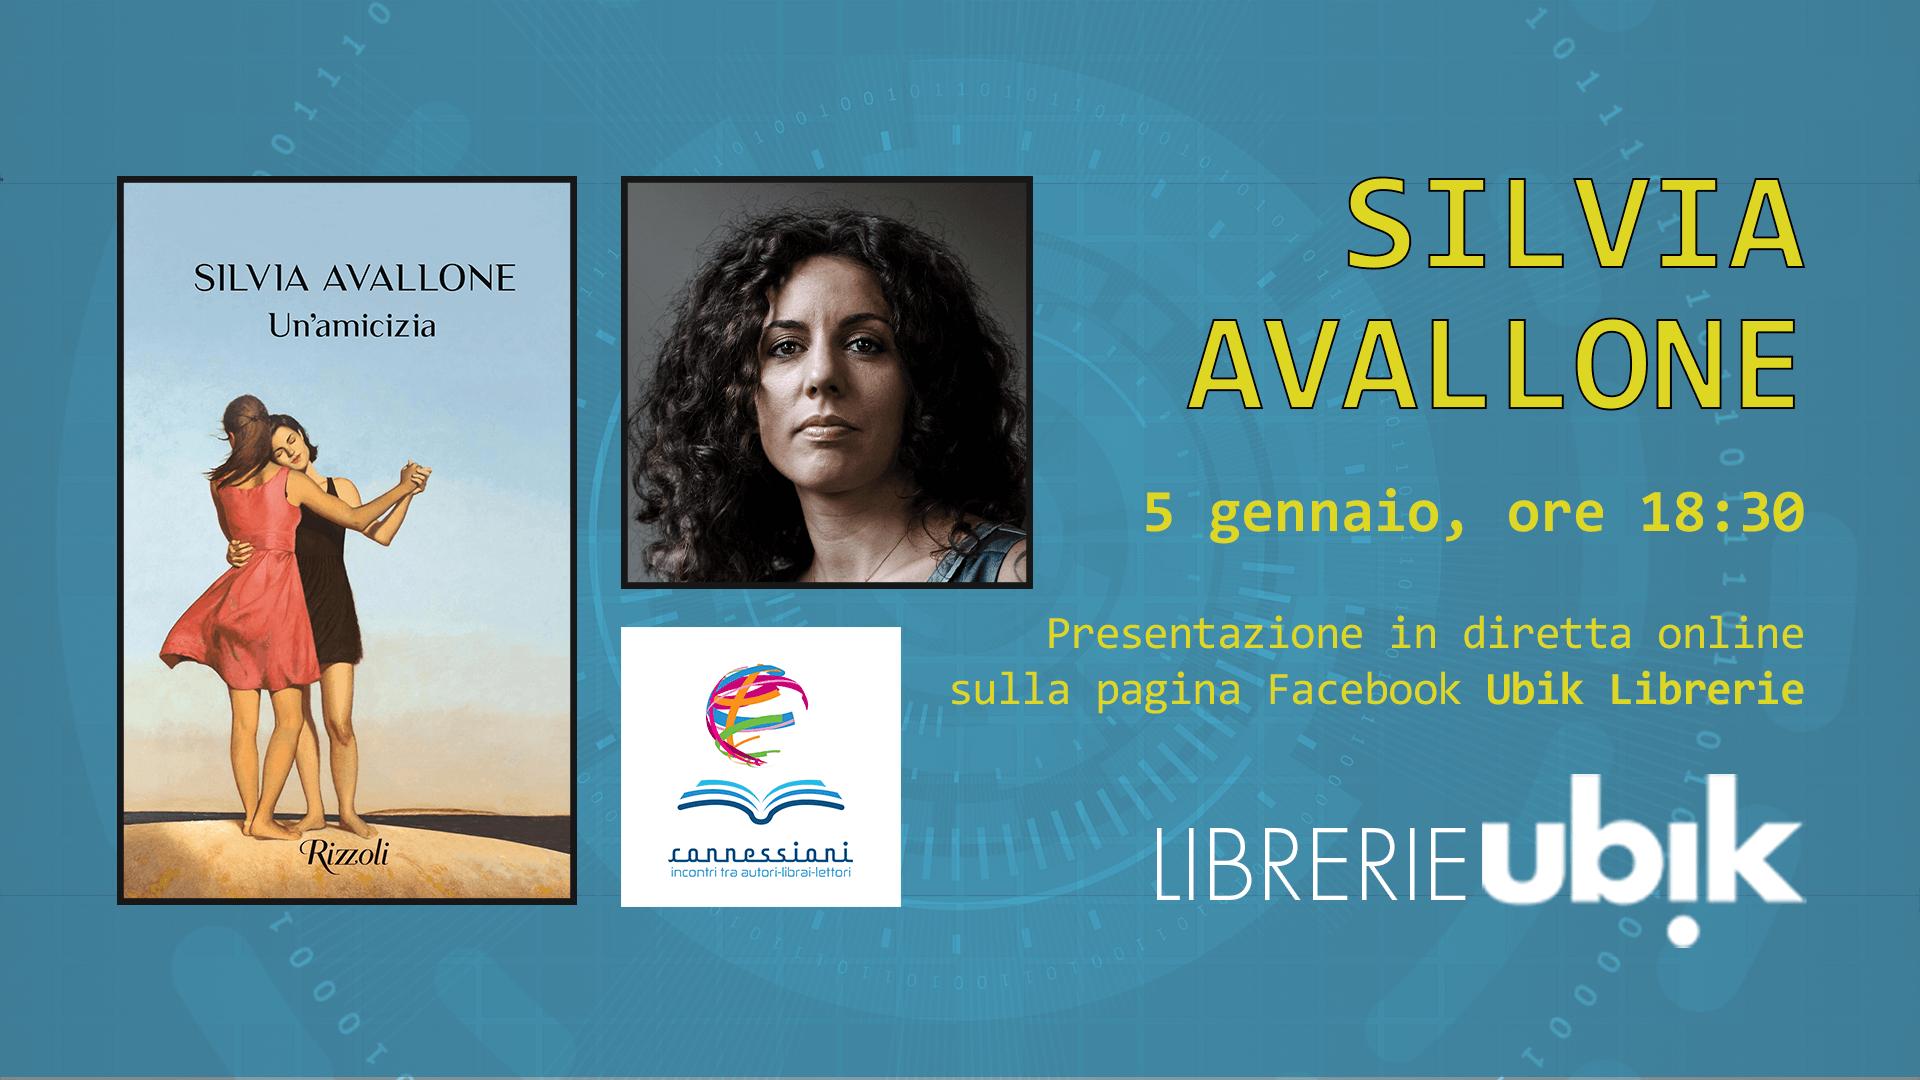 SILVIA AVALLONE presenta in diretta online